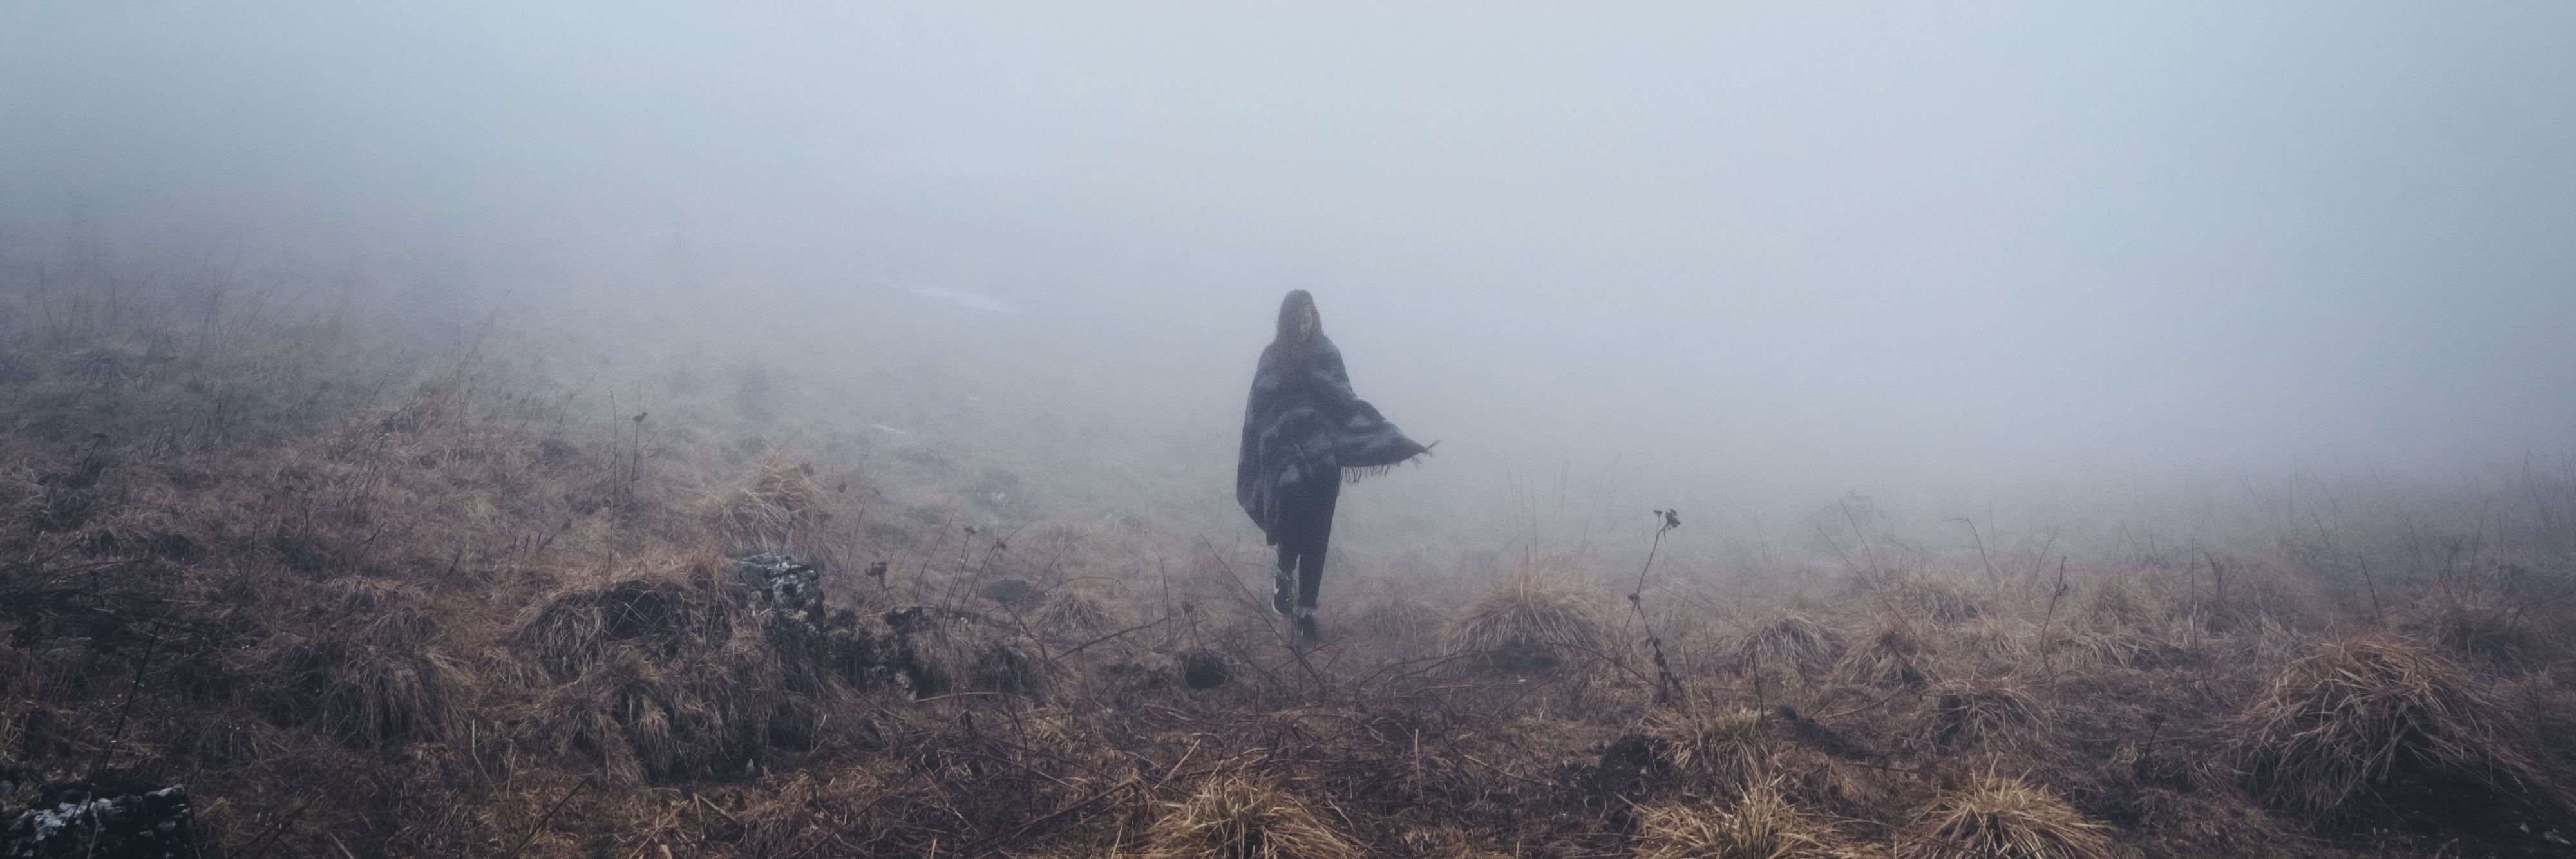 woman walking alone through fog